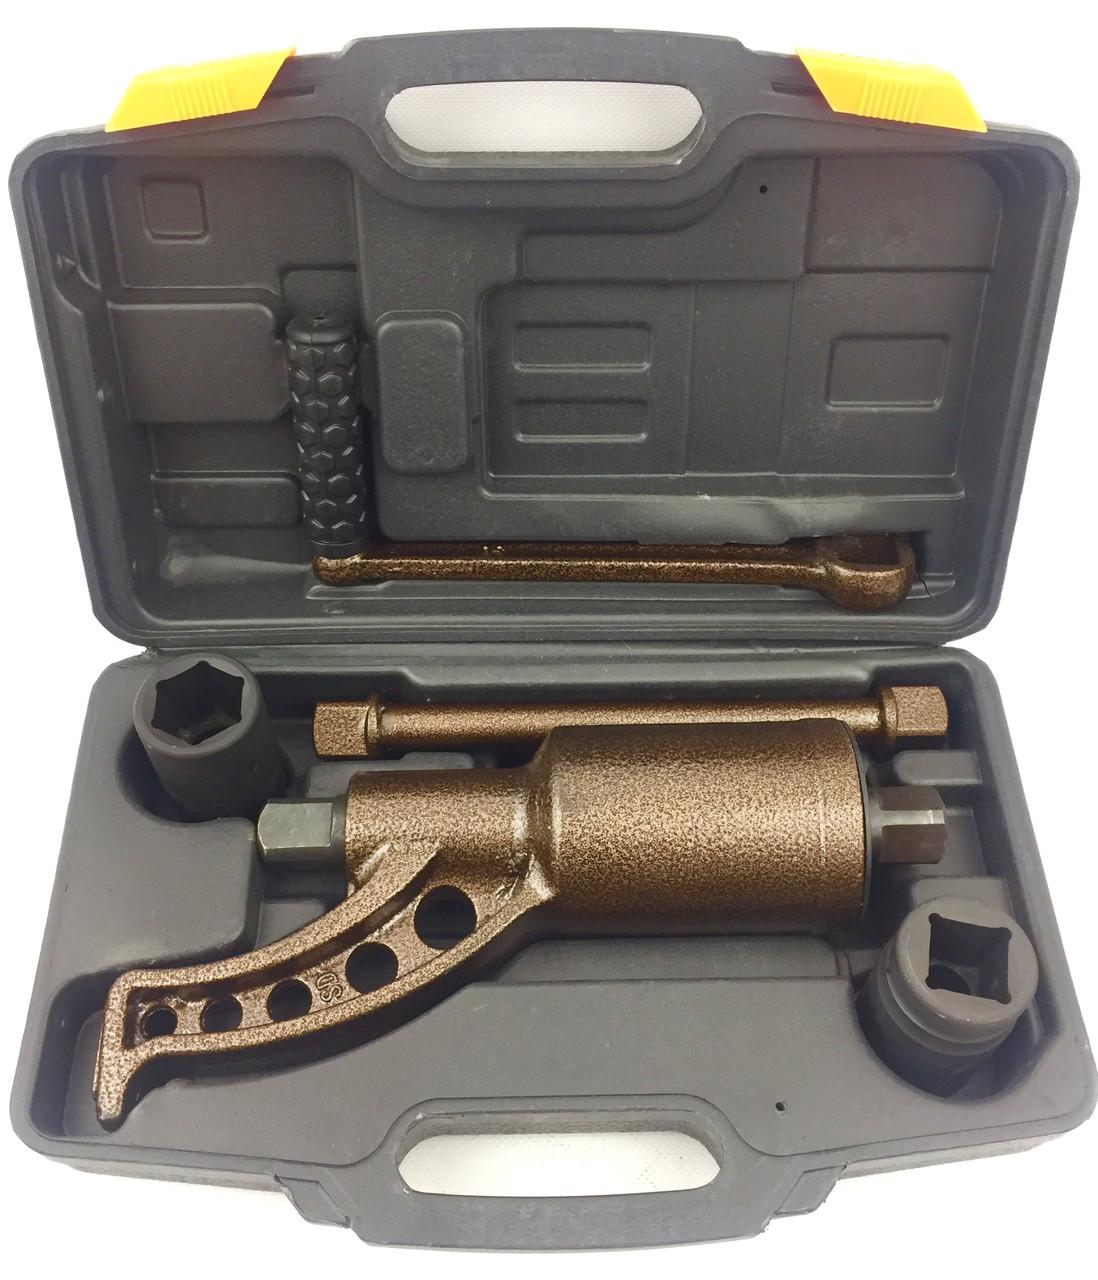 Ключ баллонный роторный Titan 7800Нм для грузовых автомобилей (XT002)